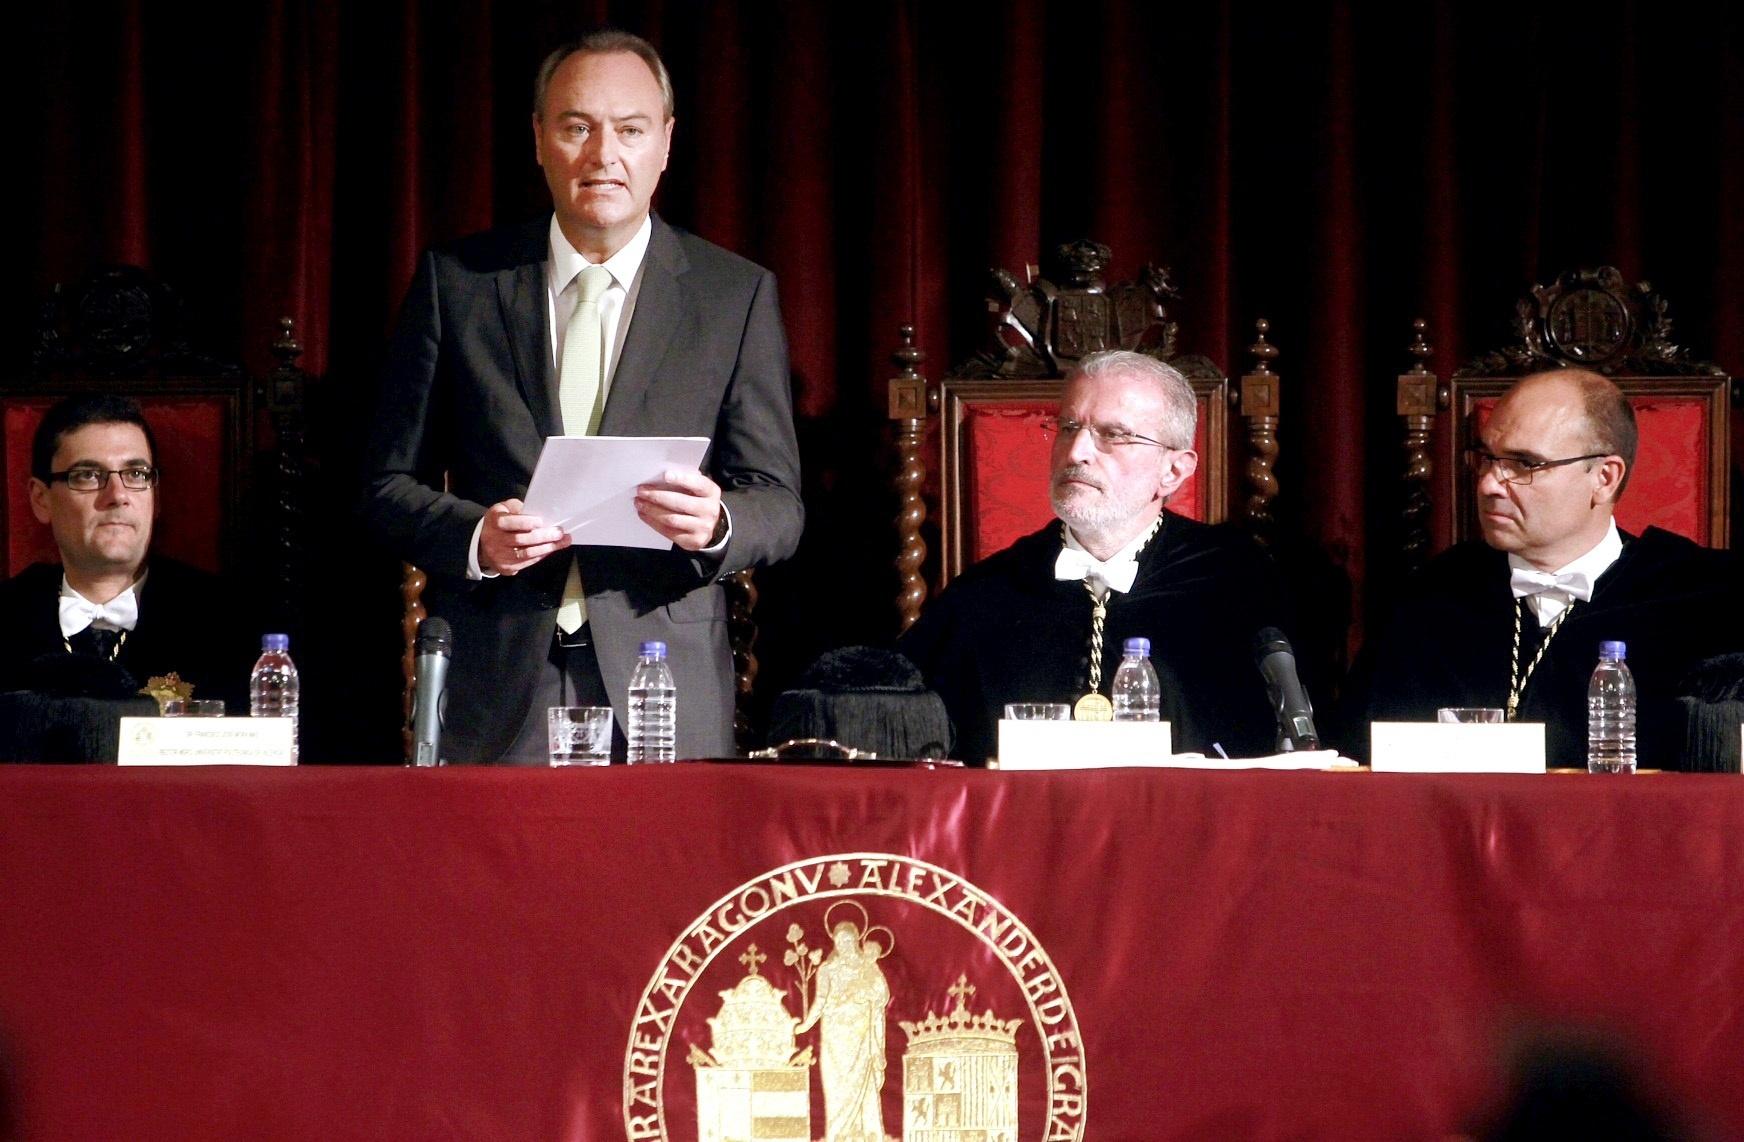 Fabra anuncia préstamos universitarios para aplazar cinco años el pago de los estudios con aval de la Generalitat